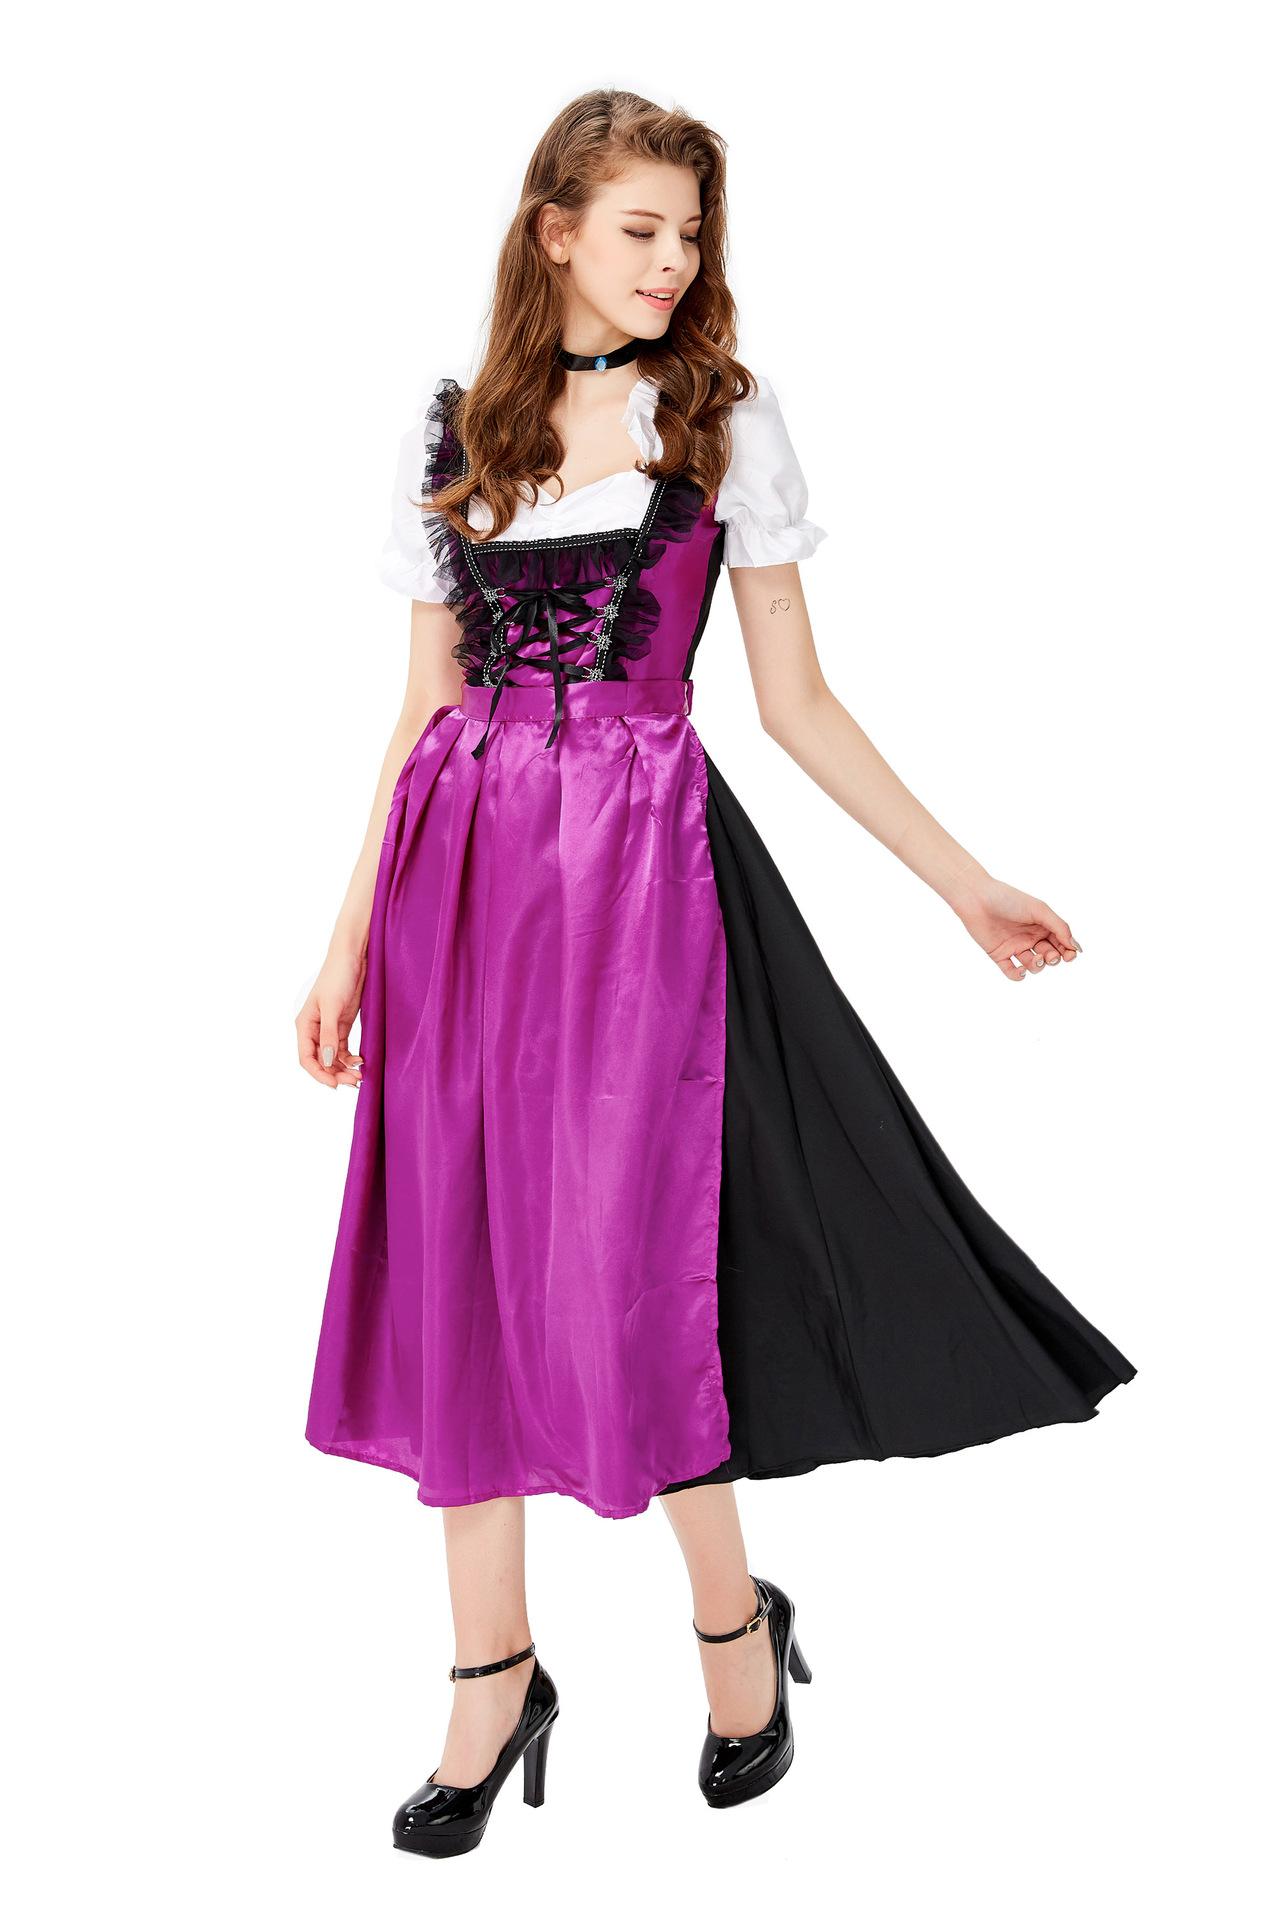 郎舞台服ハロウィンのセクシーなビールの郎の役は服の新型のCosplayビールの女性を演じます。